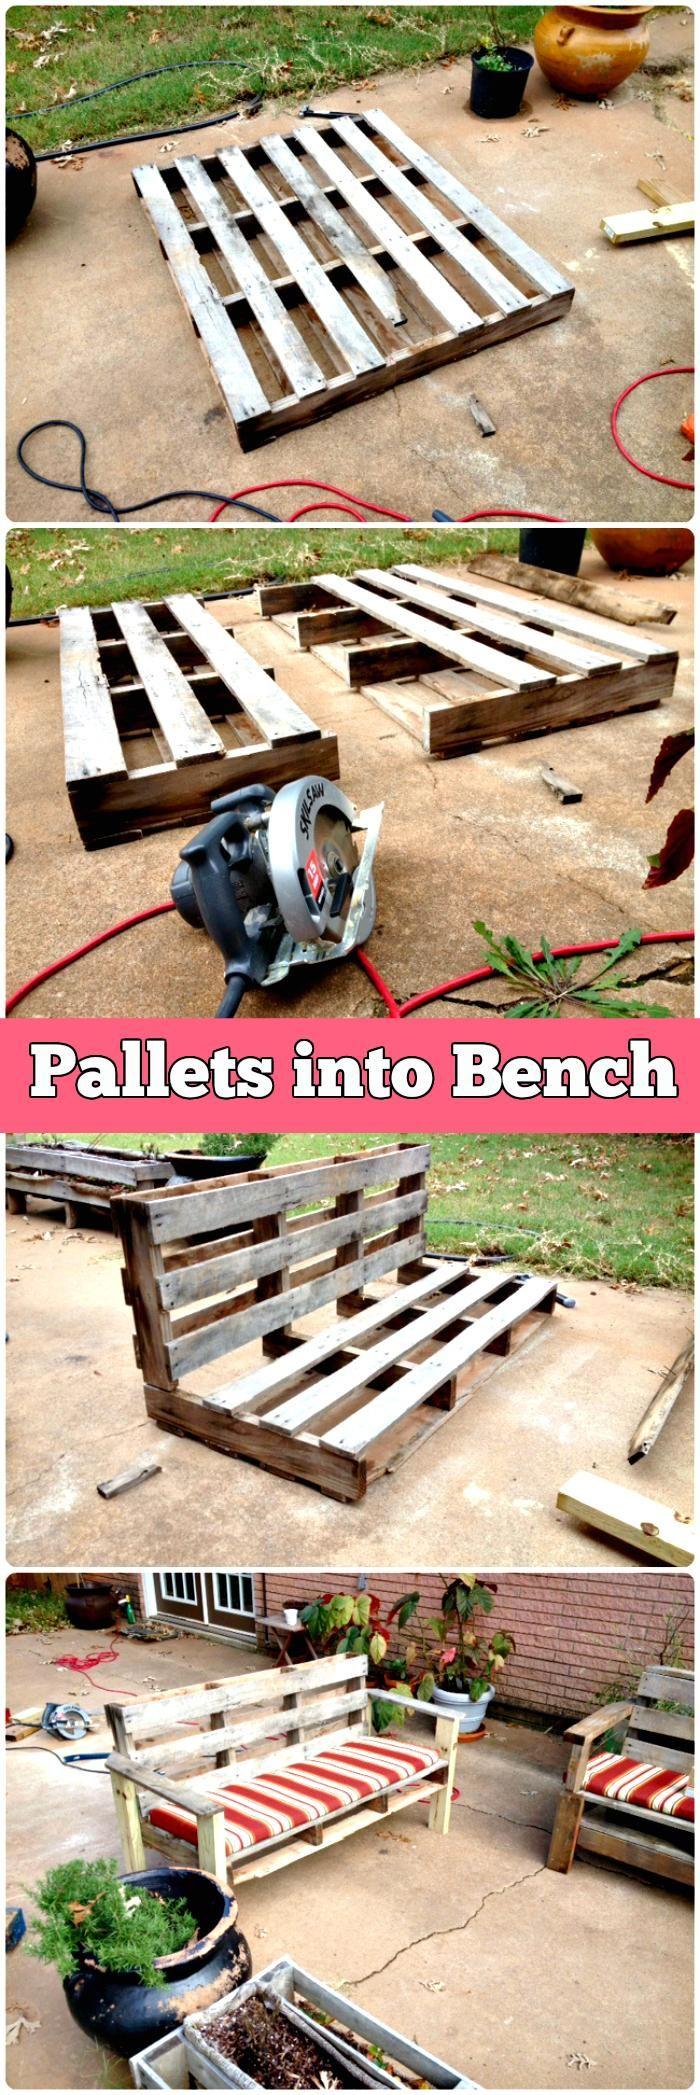 5 Easy Step DIY Transformation Pallet Into Outdoor Patio Bench